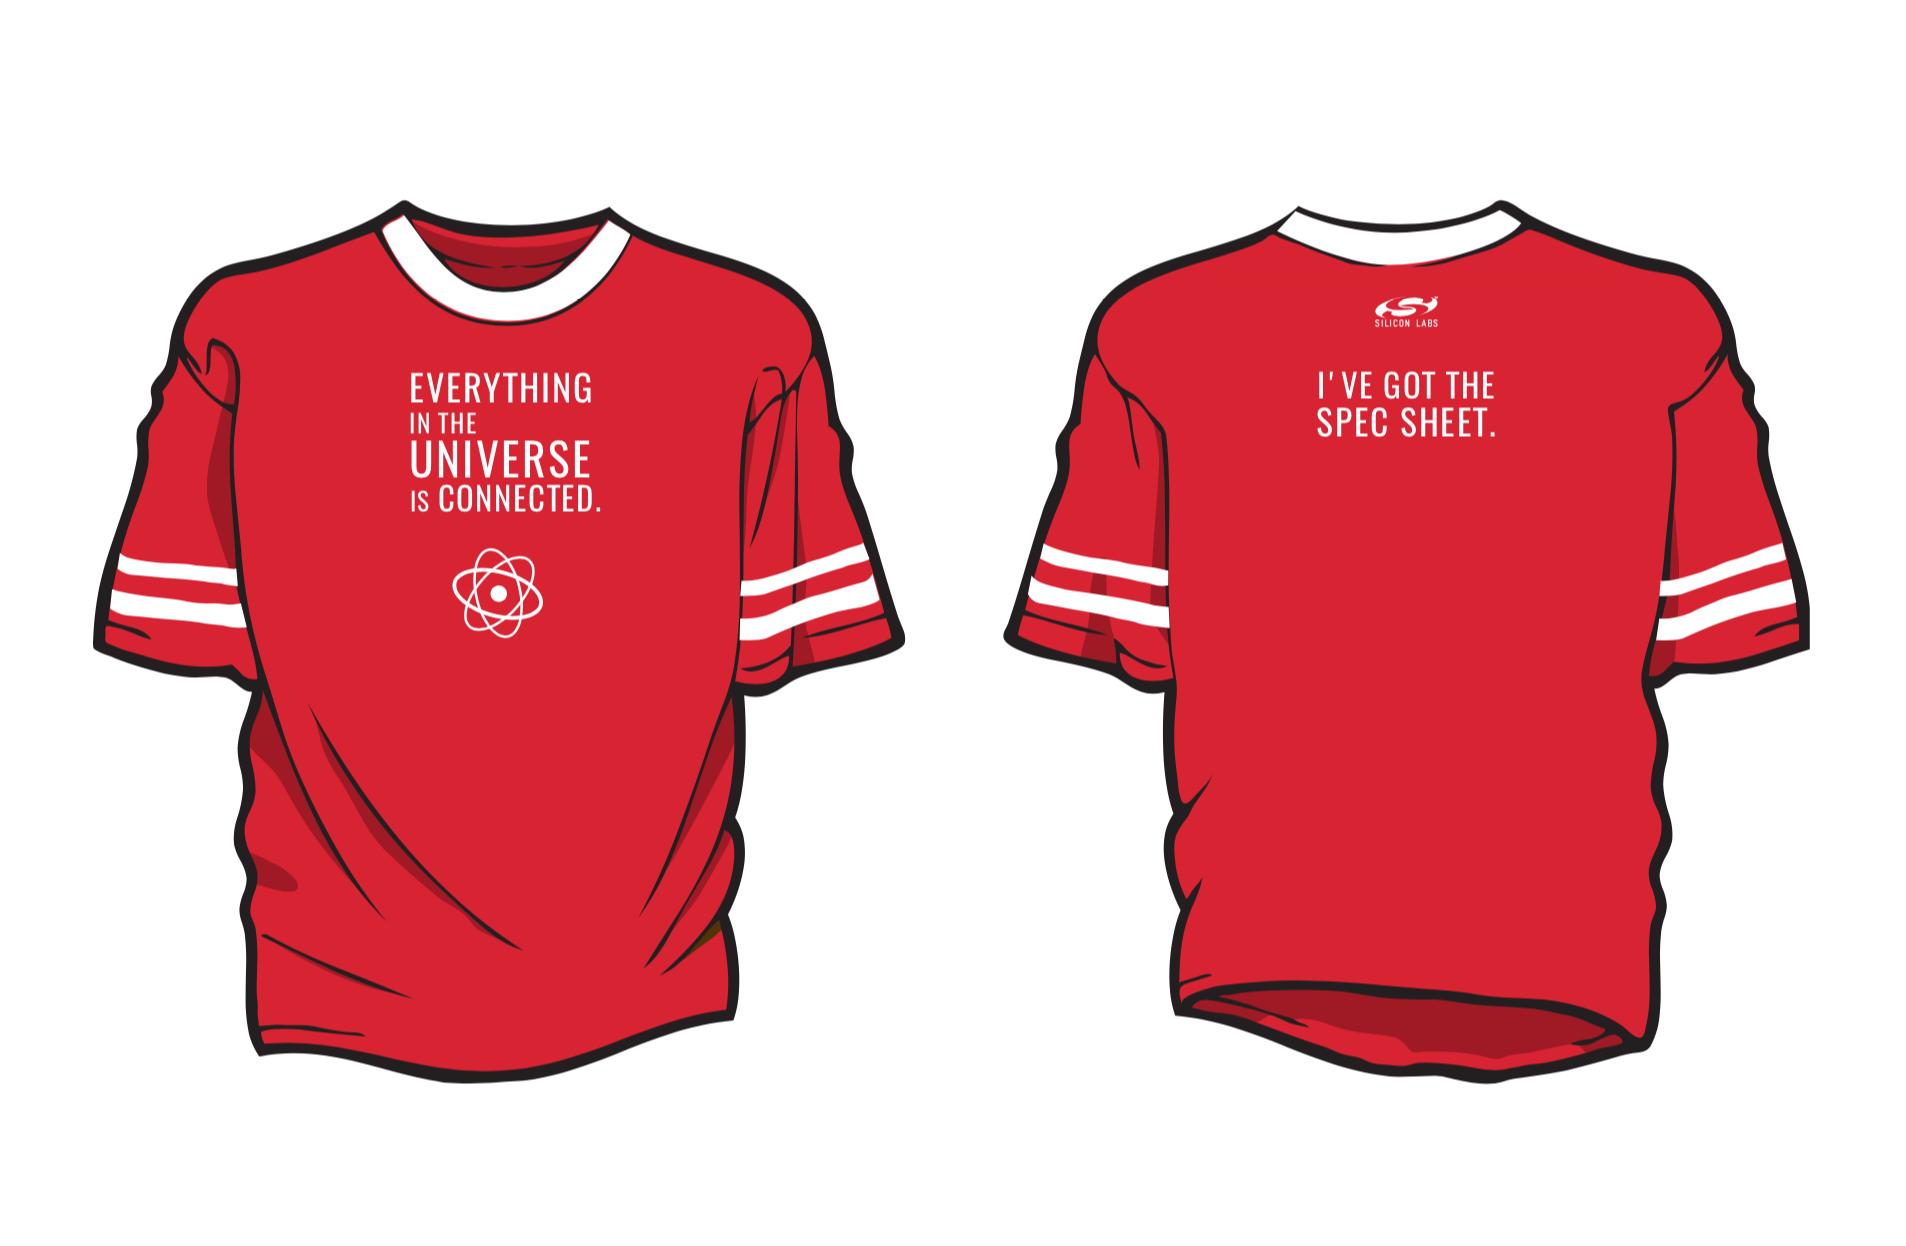 spec sheet t-shirt